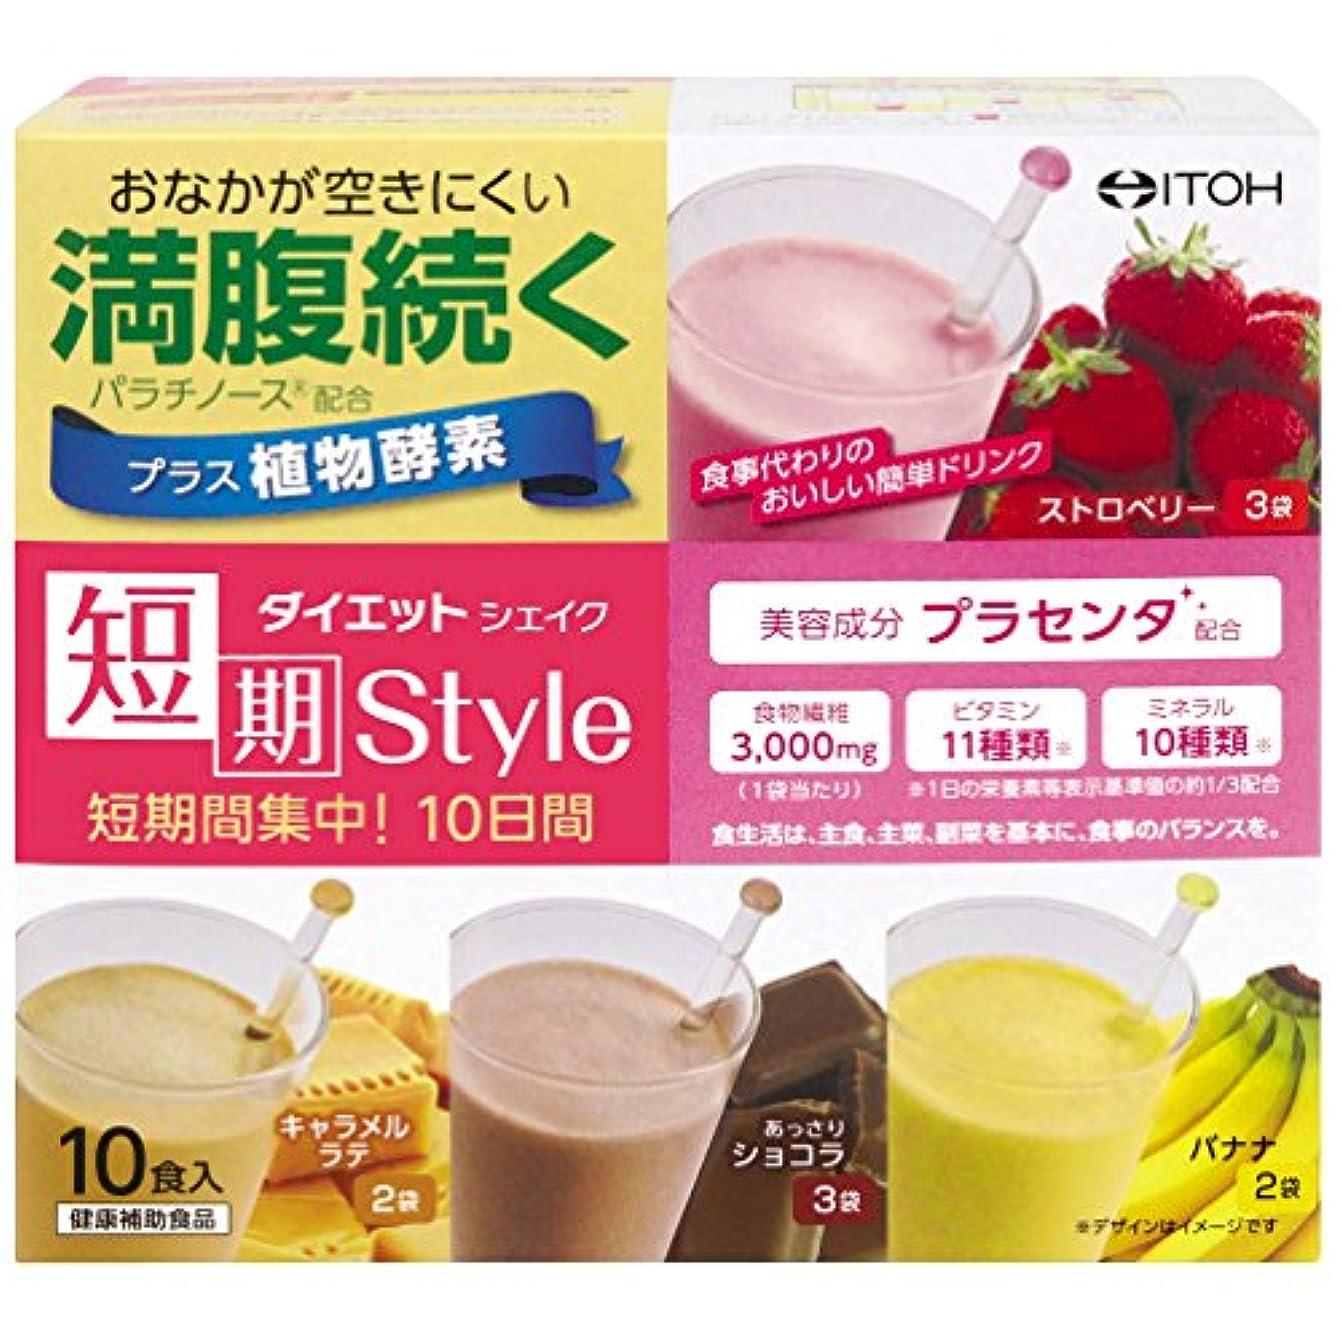 シャックル慣習調和のとれた井藤漢方製薬 短期スタイル ダイエットシェイク 10食分 25gX10袋